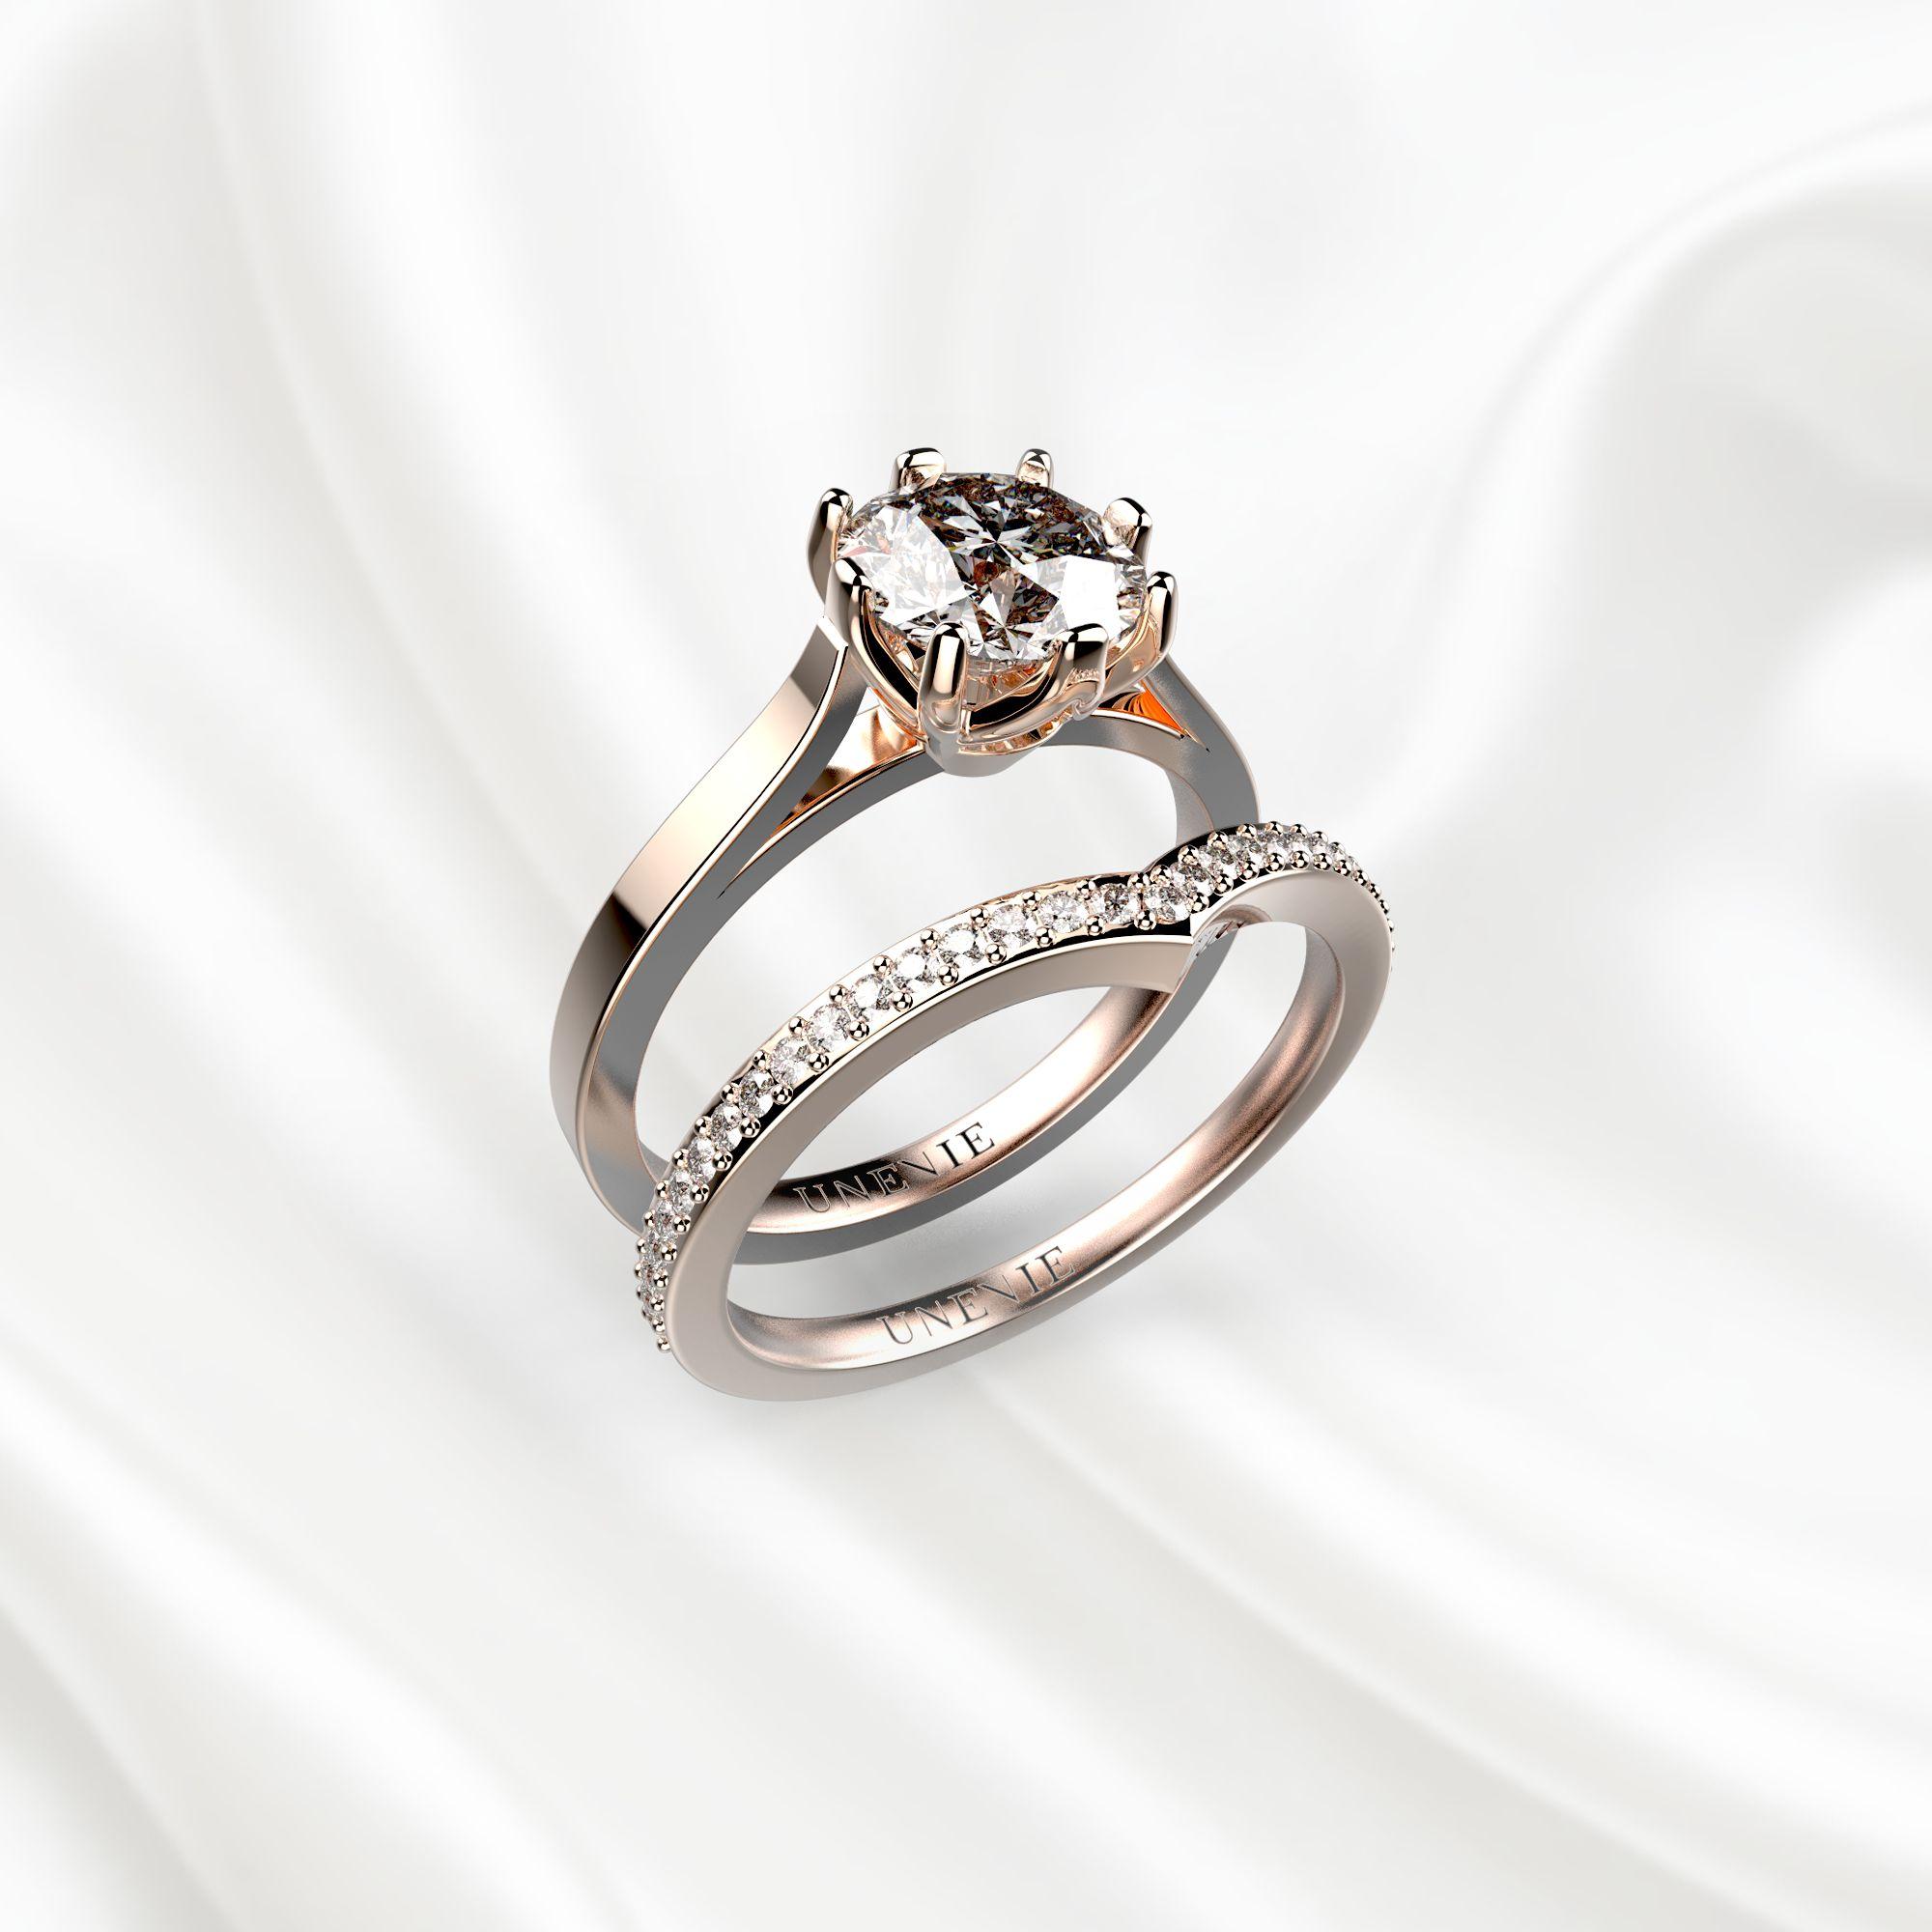 N2 Сет колец для помолвки из розового золота с бриллиантом 1 карат